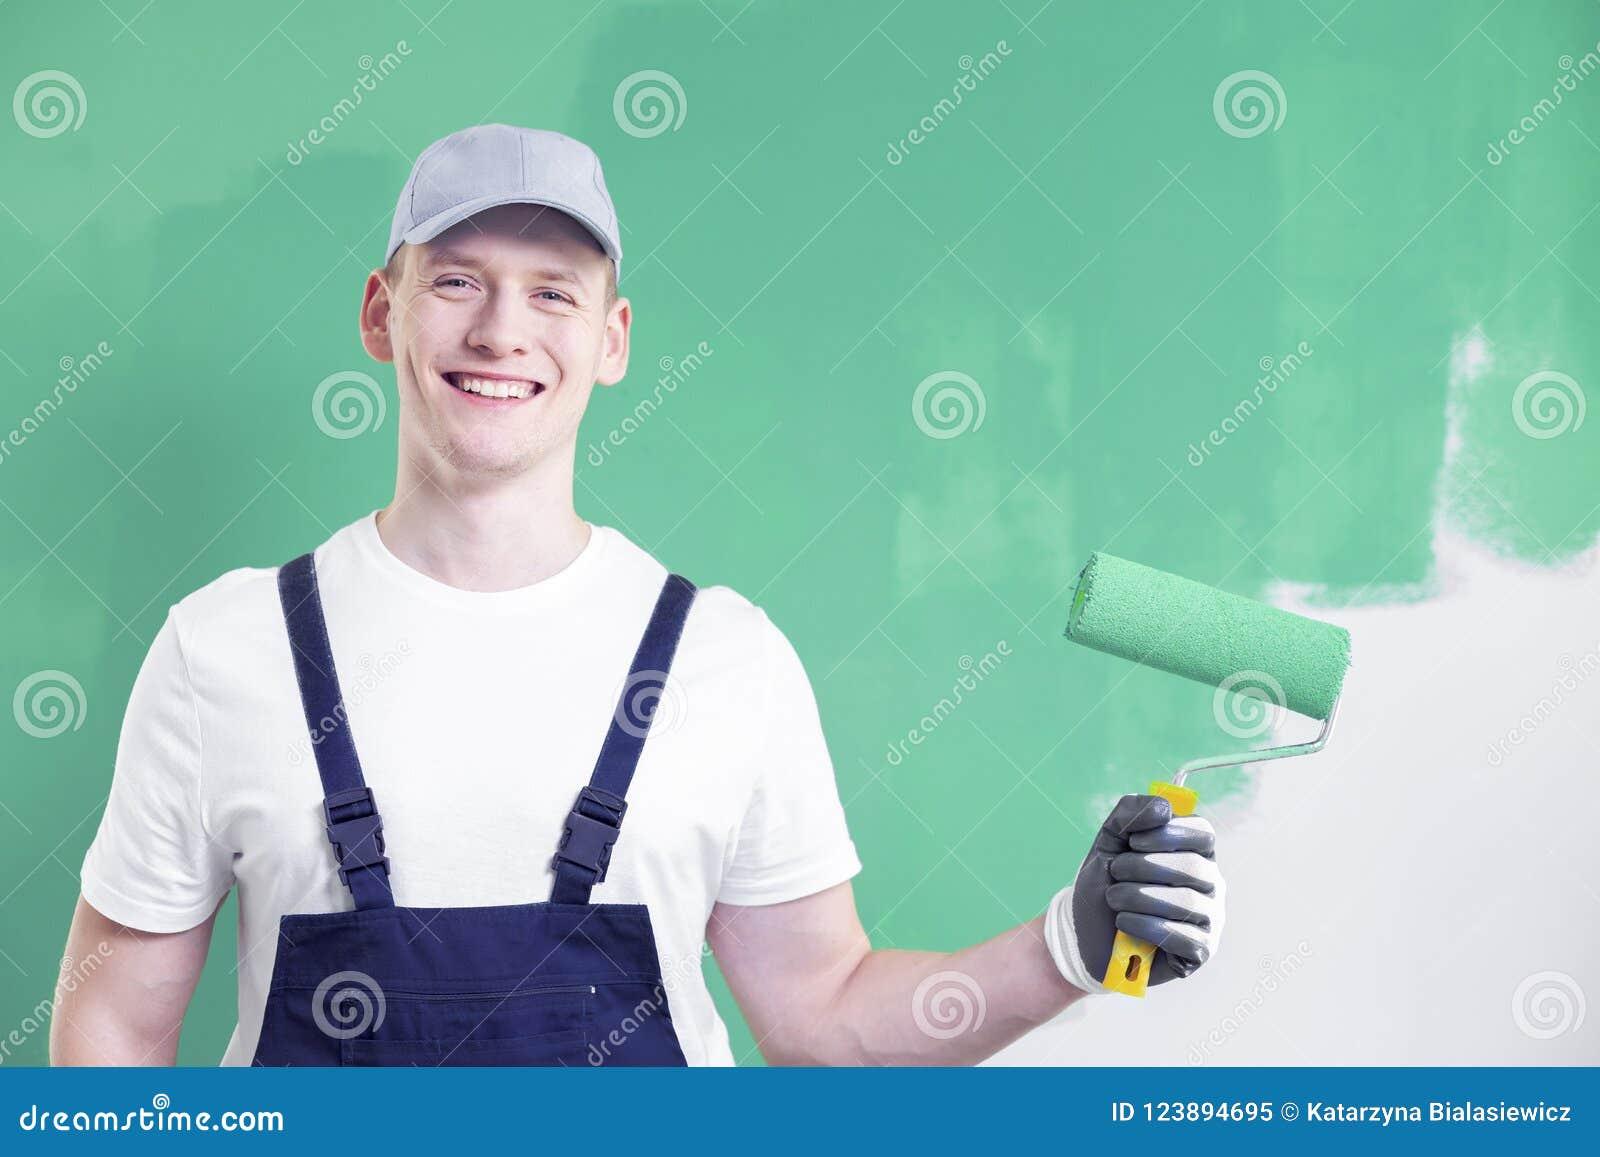 Retrato del cuerpo superior de un trabajador casero joven, sonriente p de la renovación